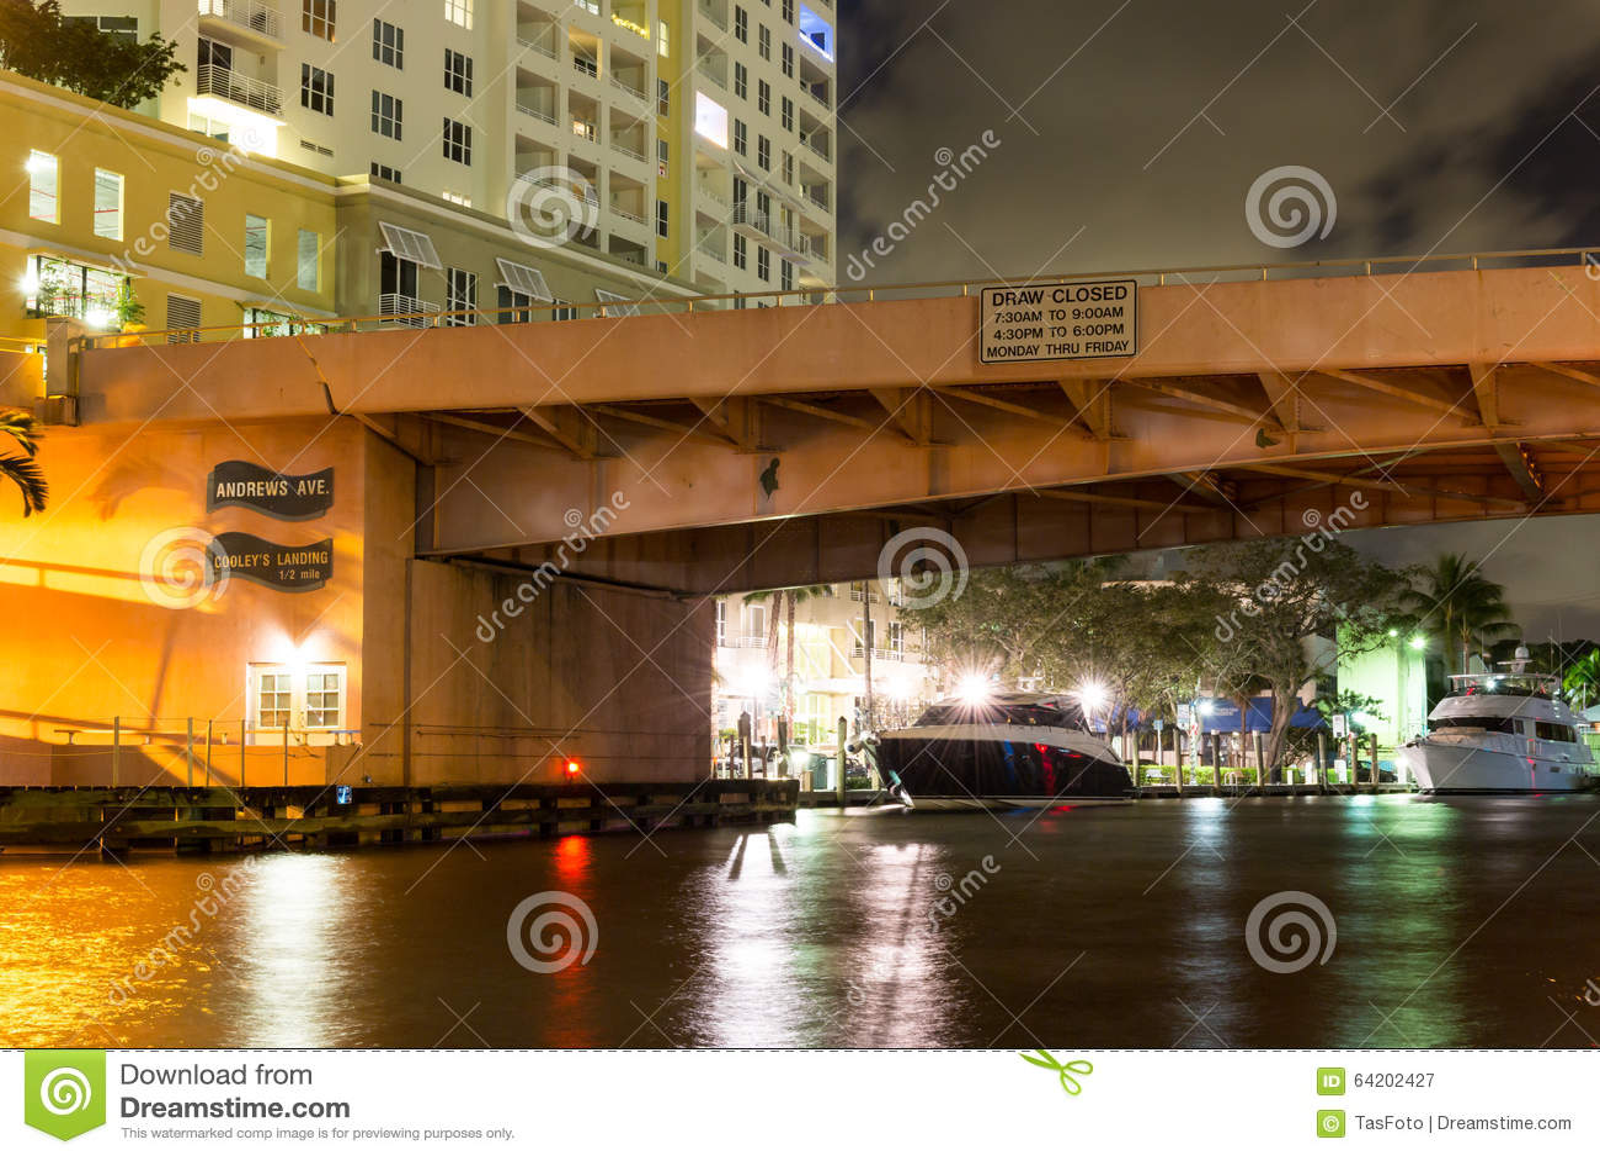 Puente de drenaje en el pie céntrico Lauderdale, la Florida, los E.E.U.U.